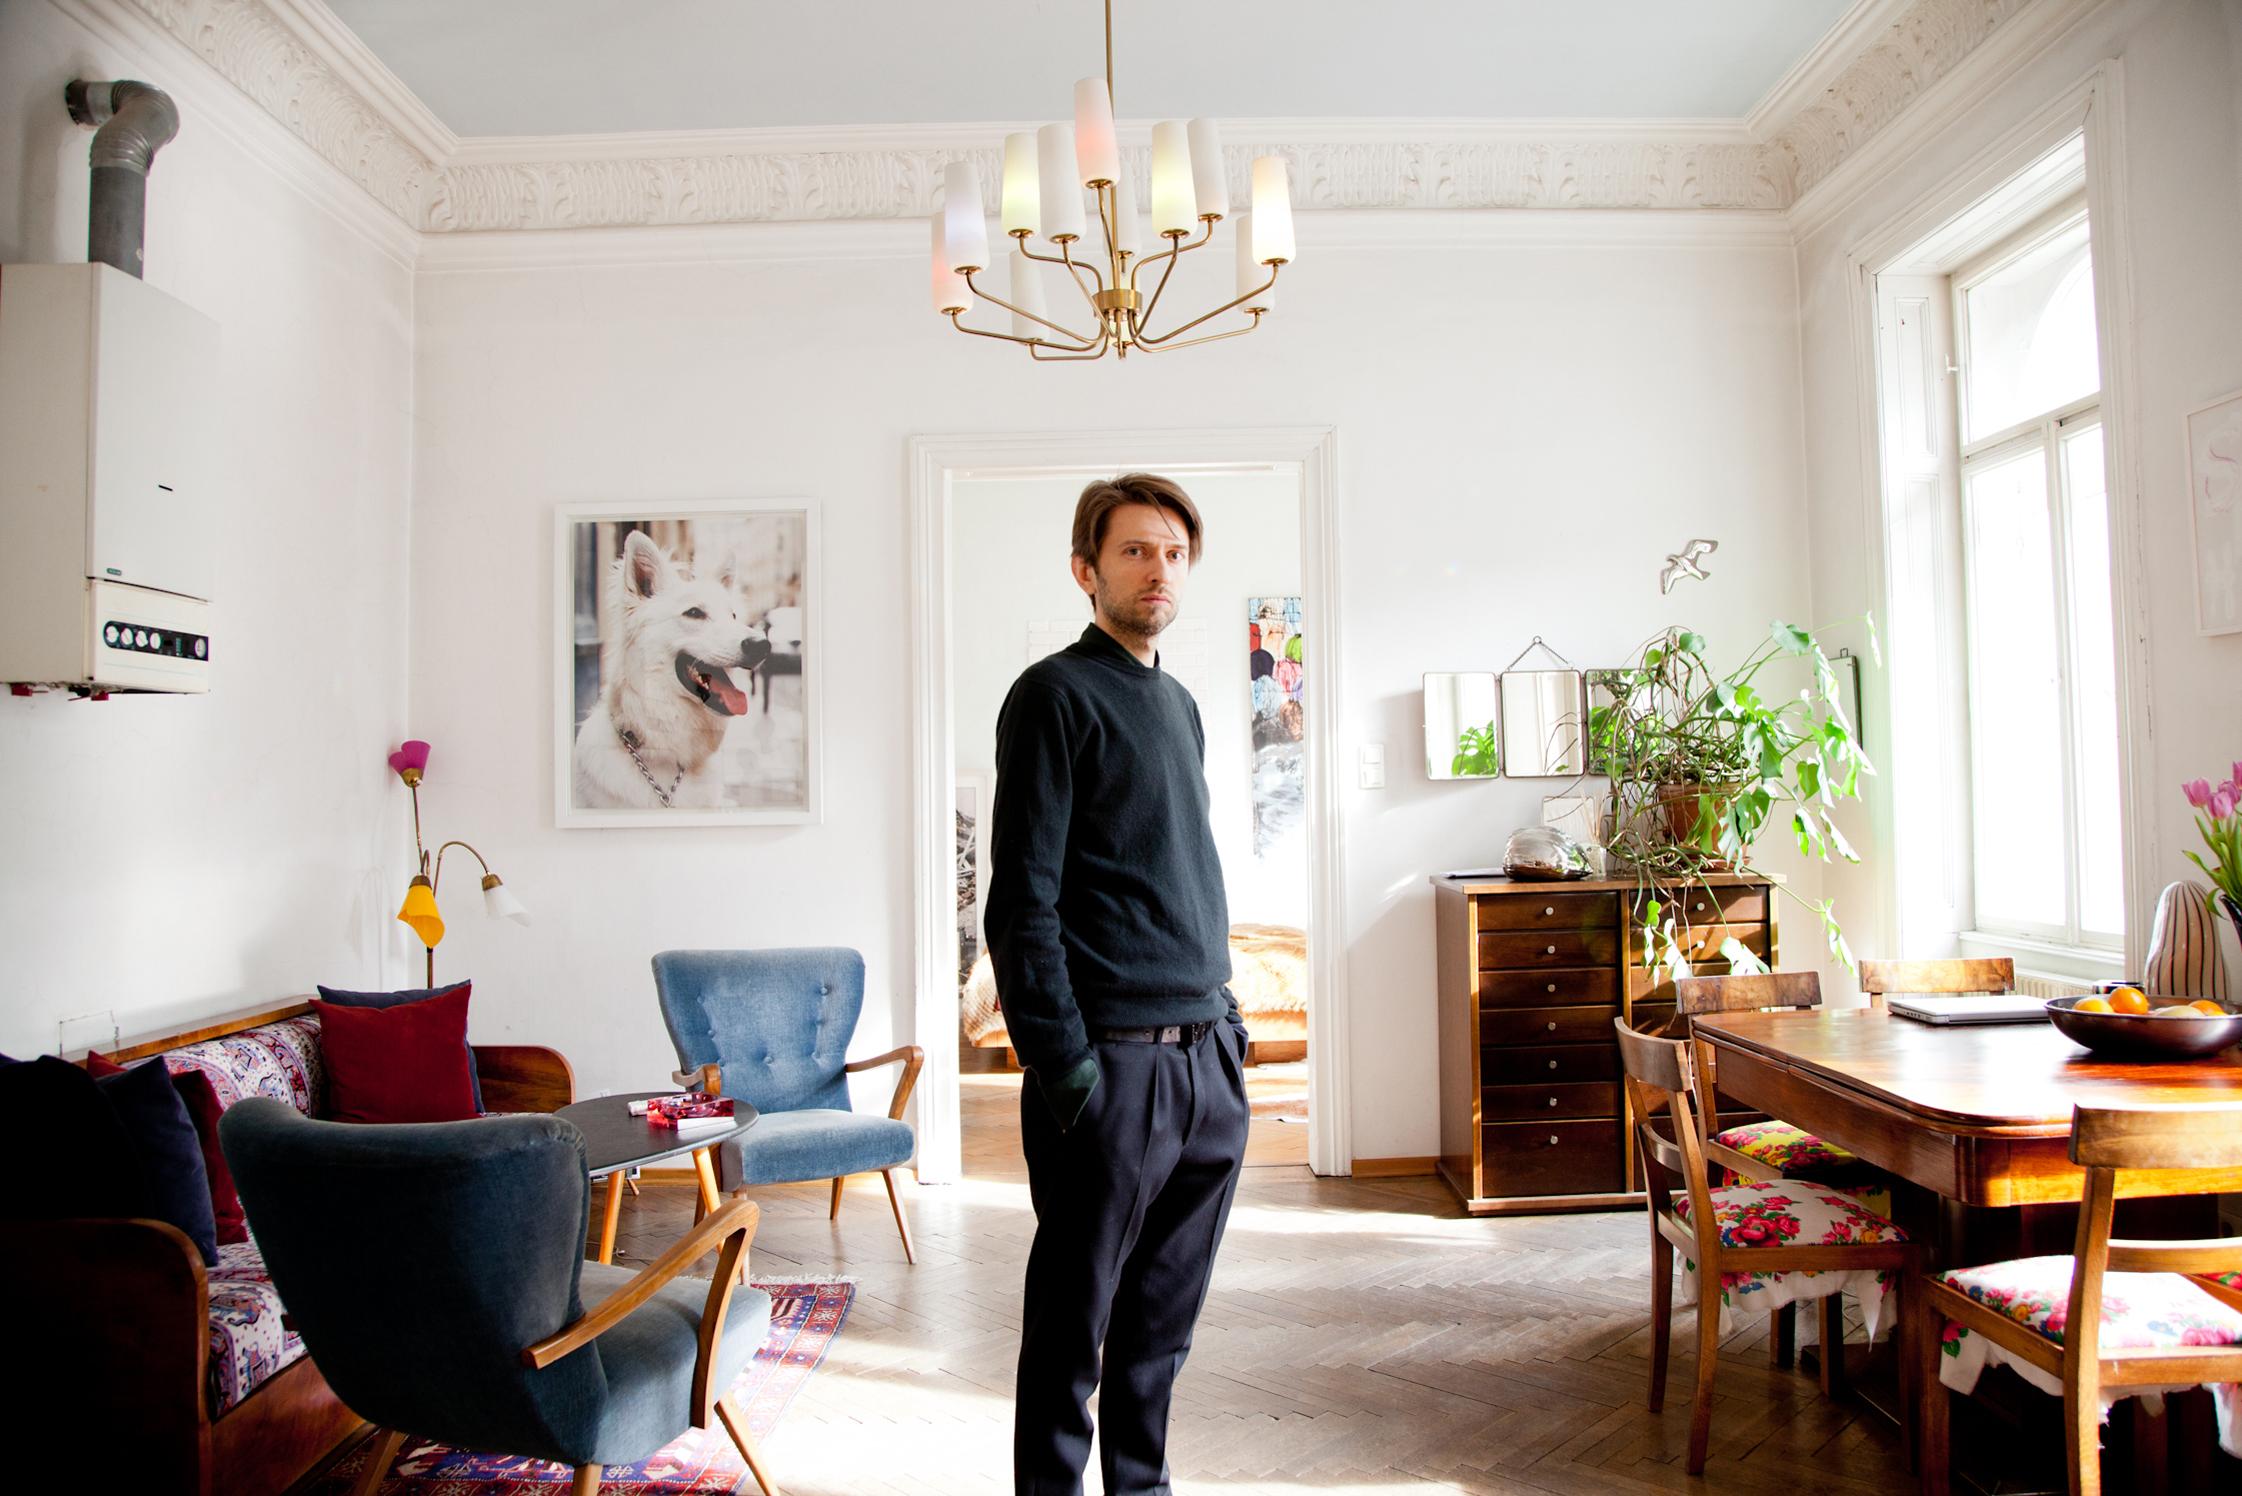 petar petrov freunde von freunden. Black Bedroom Furniture Sets. Home Design Ideas